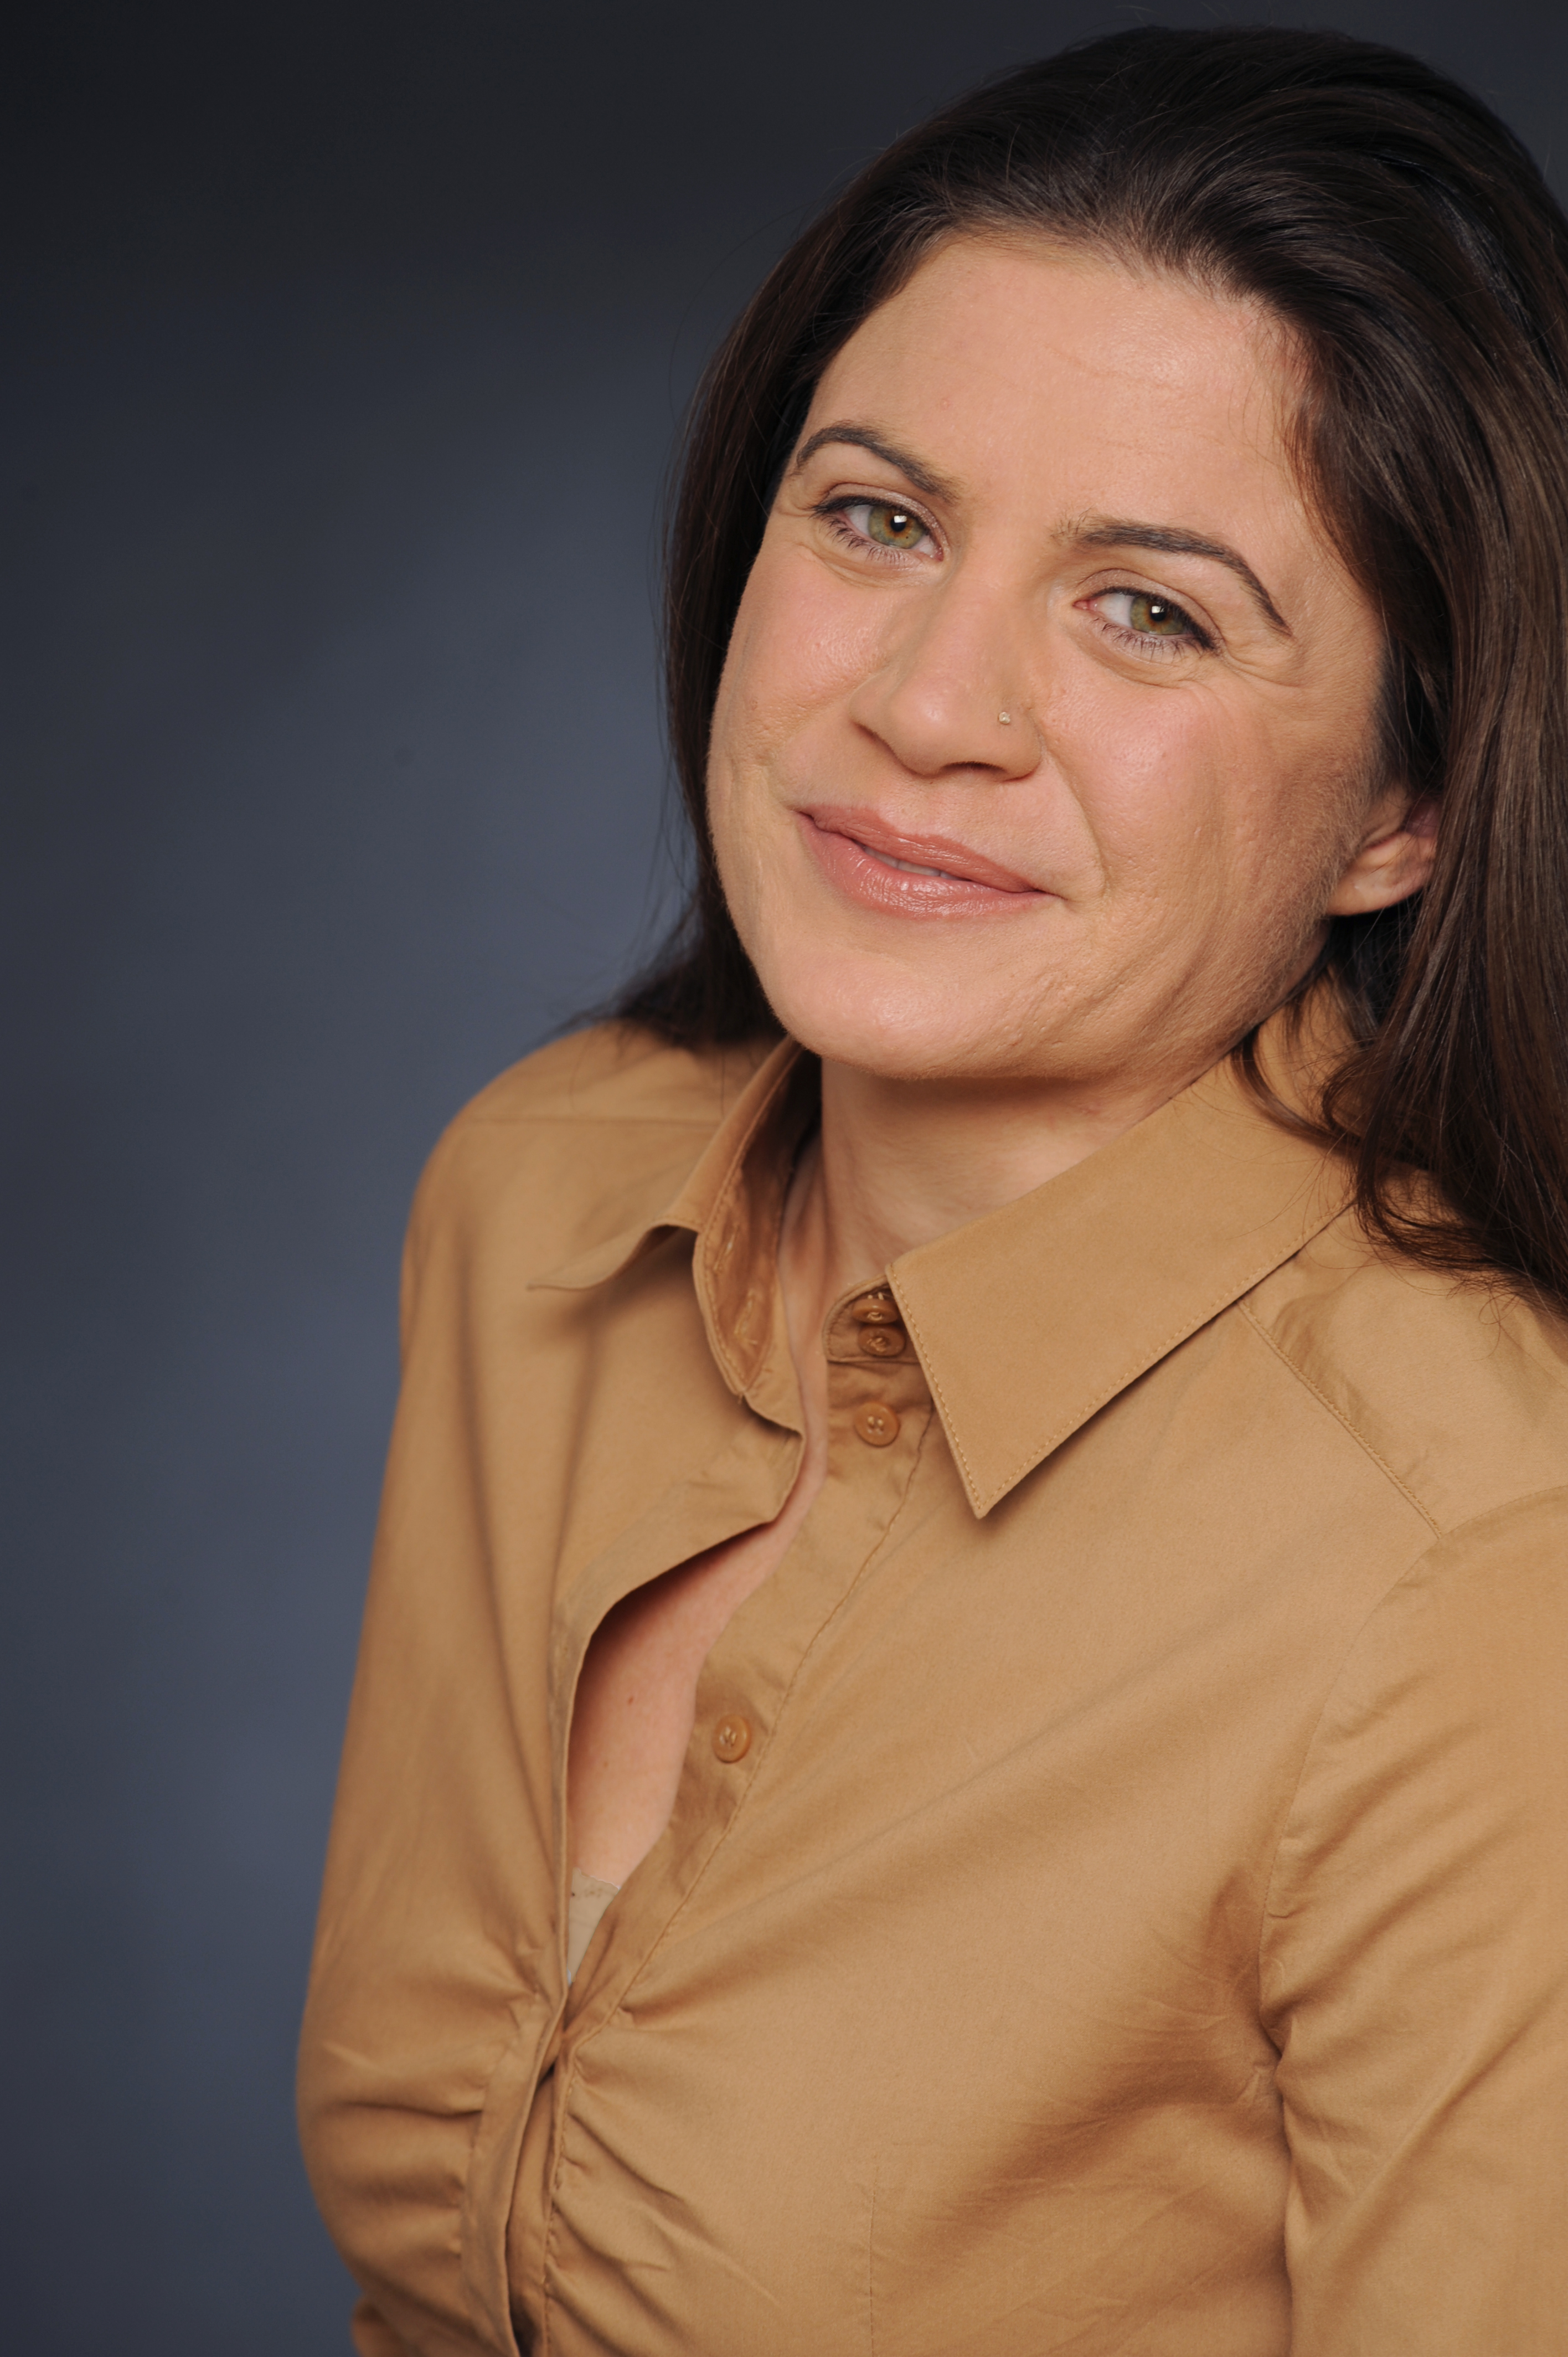 Claudia Chloé Schülein